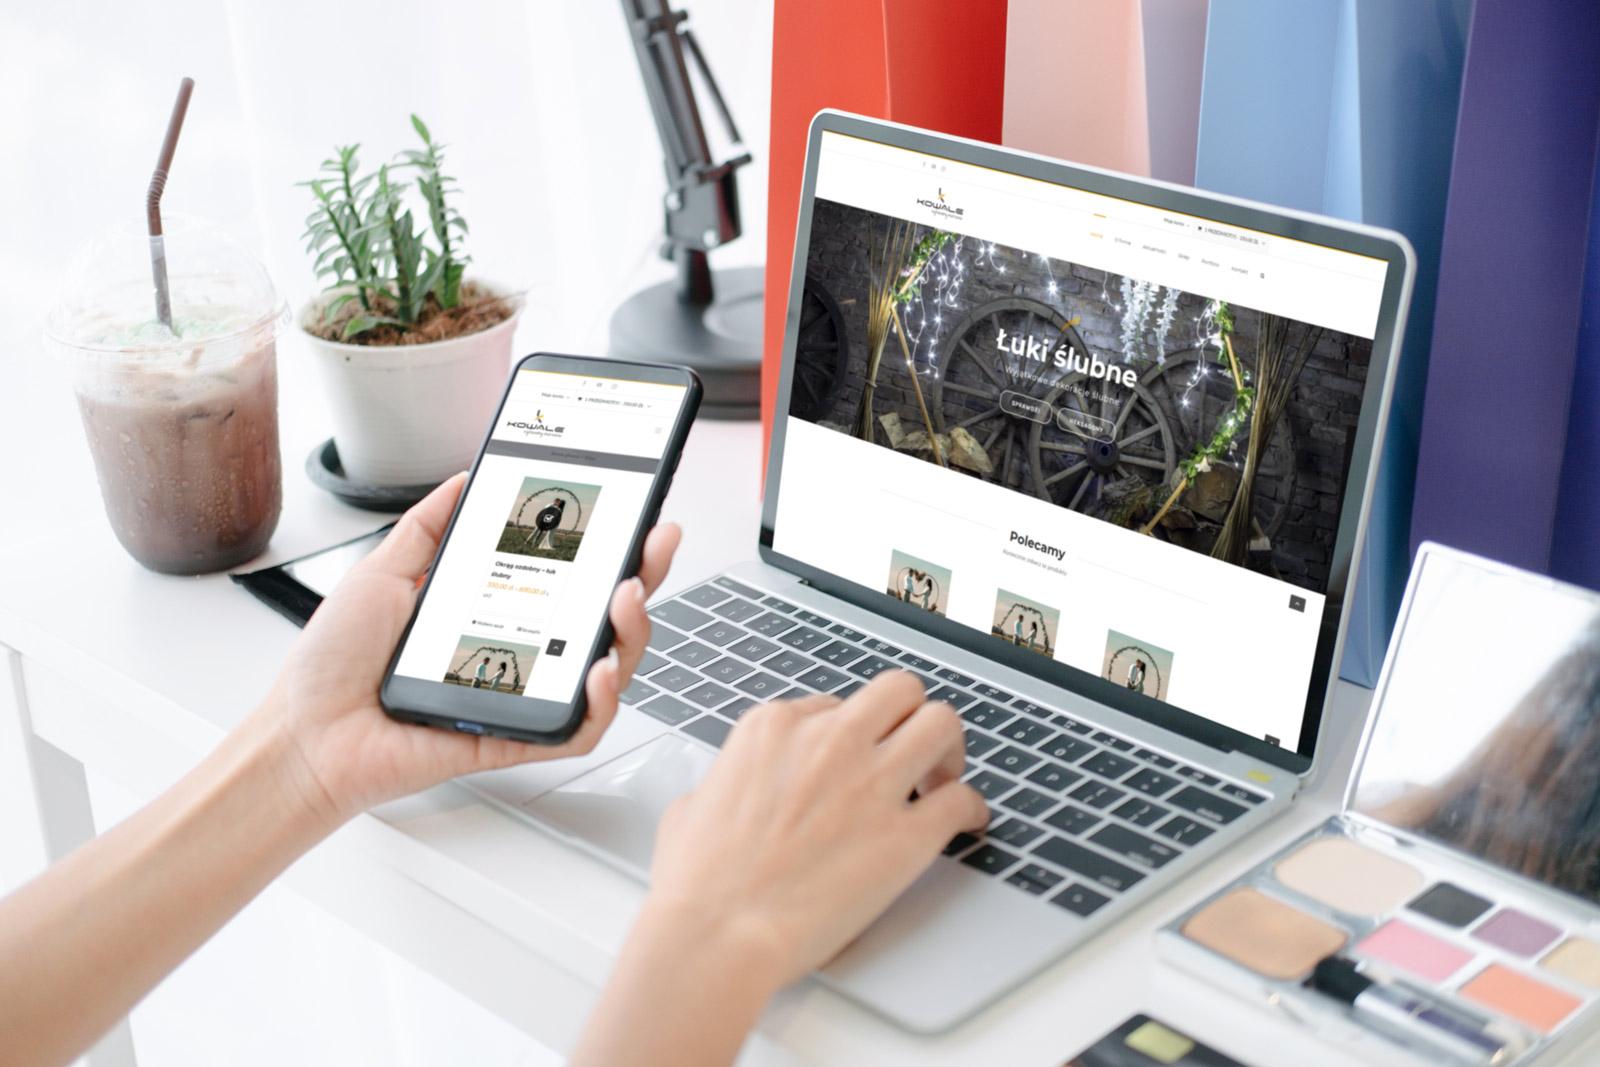 Sklep internetowy z łukami ślubnymi